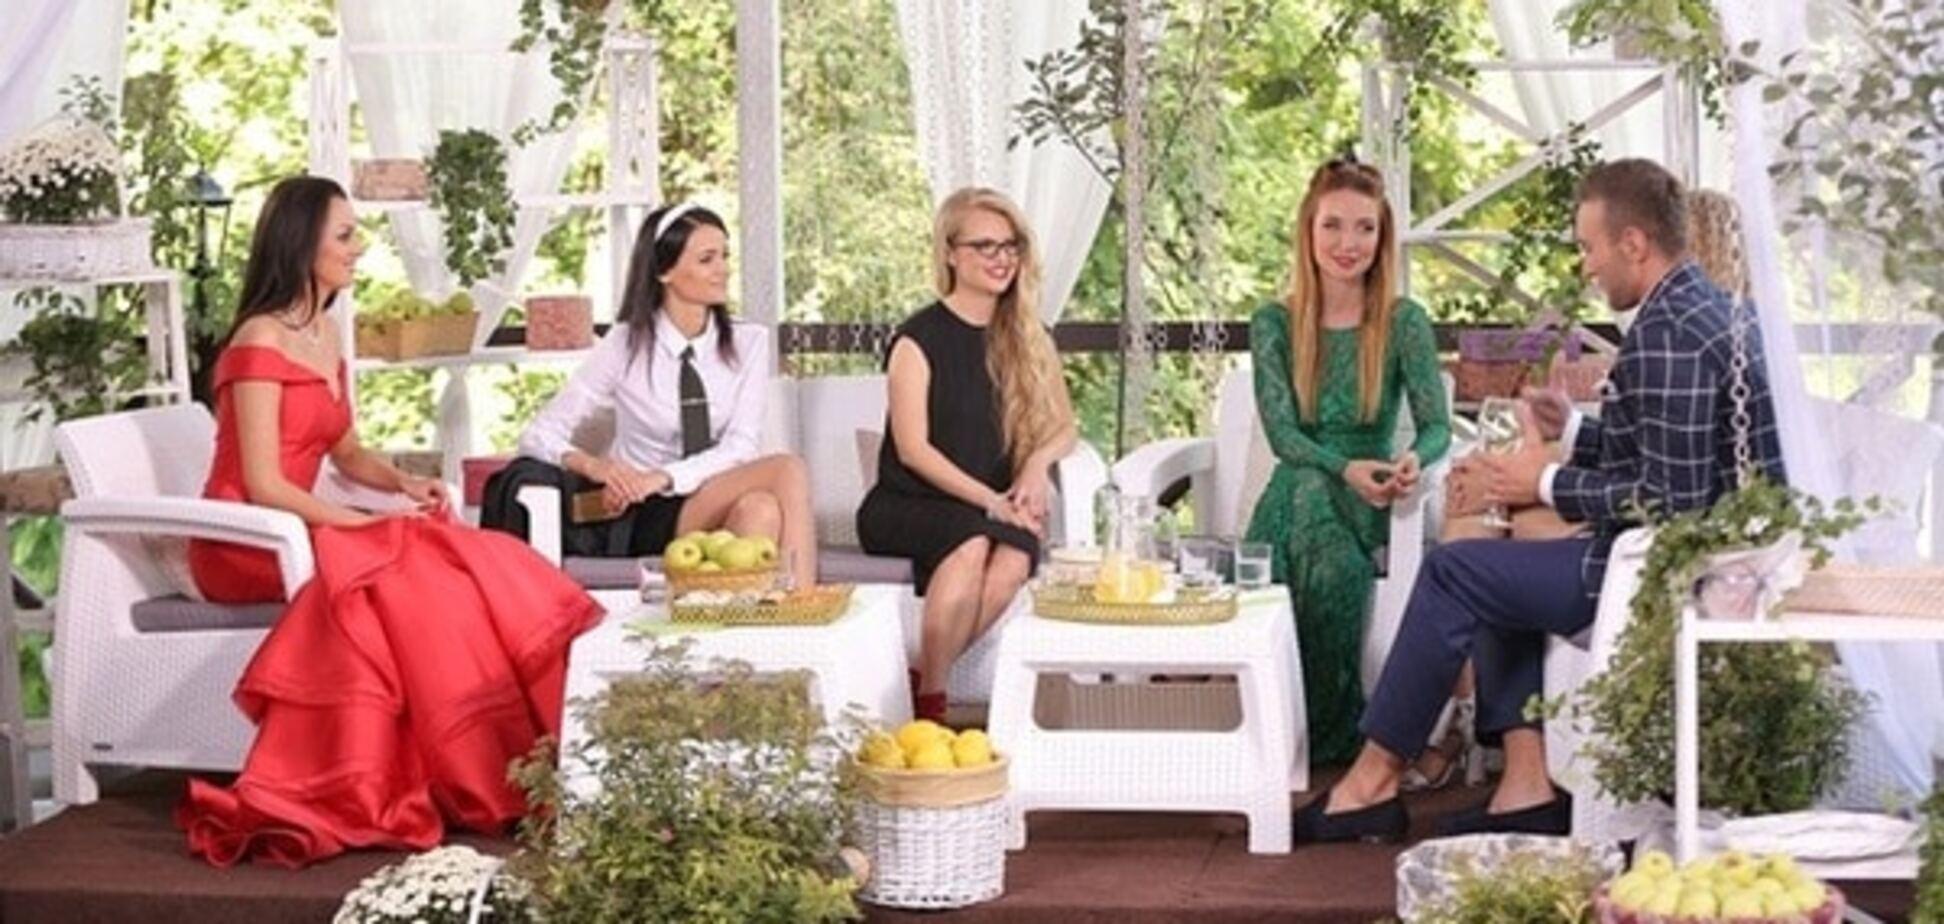 Старт 'Холостяка-6' стал самым скандальным за всю историю шоу: опубликовано видео